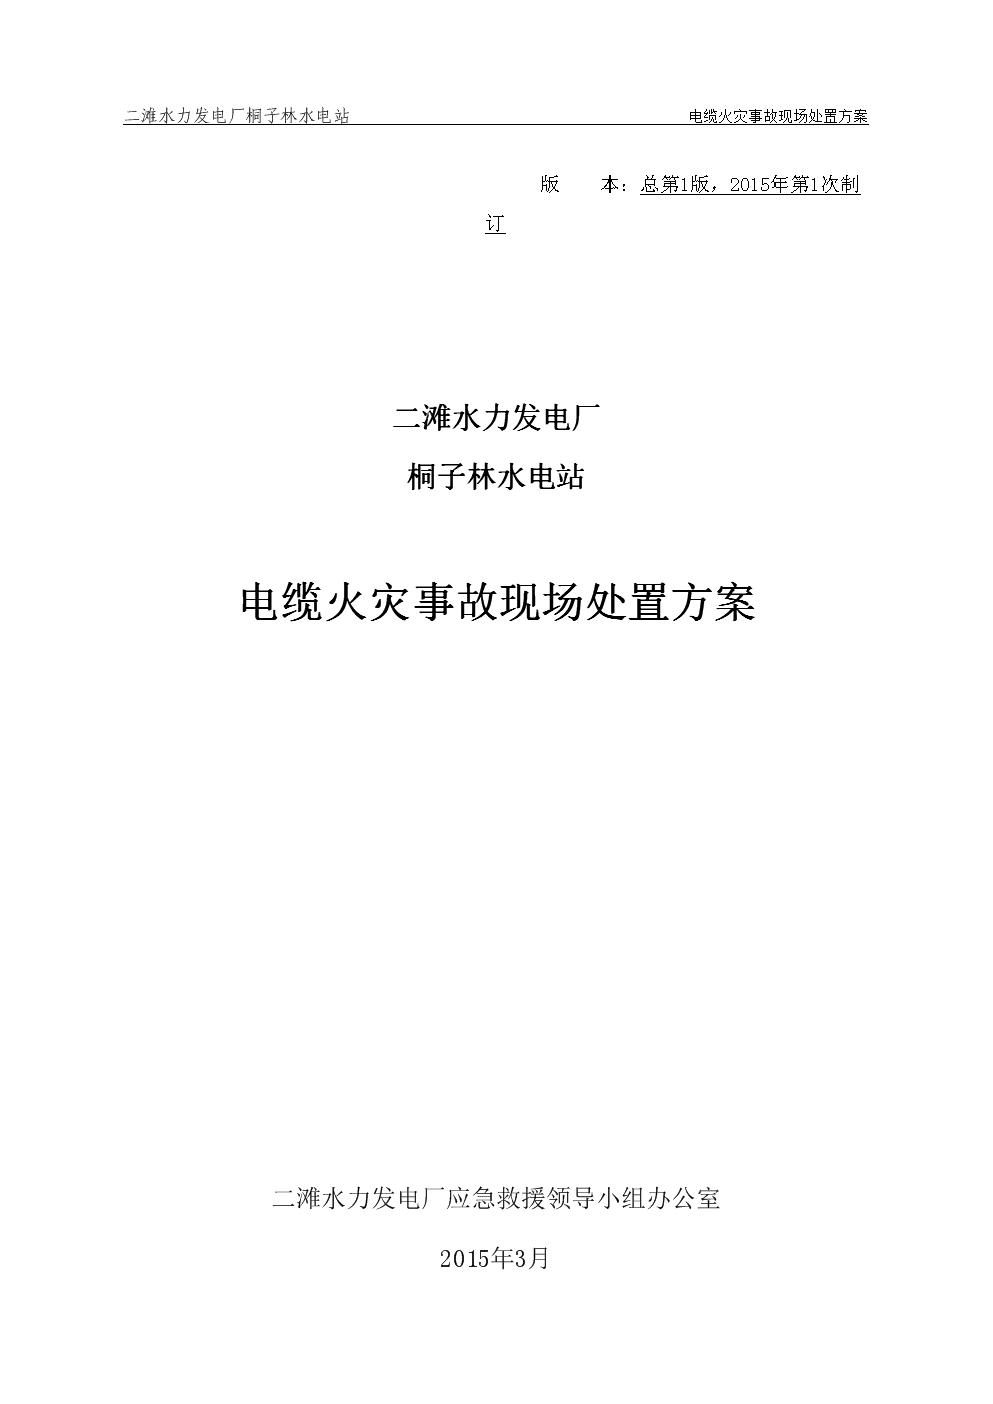 19-桐子林水电站电缆火灾事故现场处置方案.docx